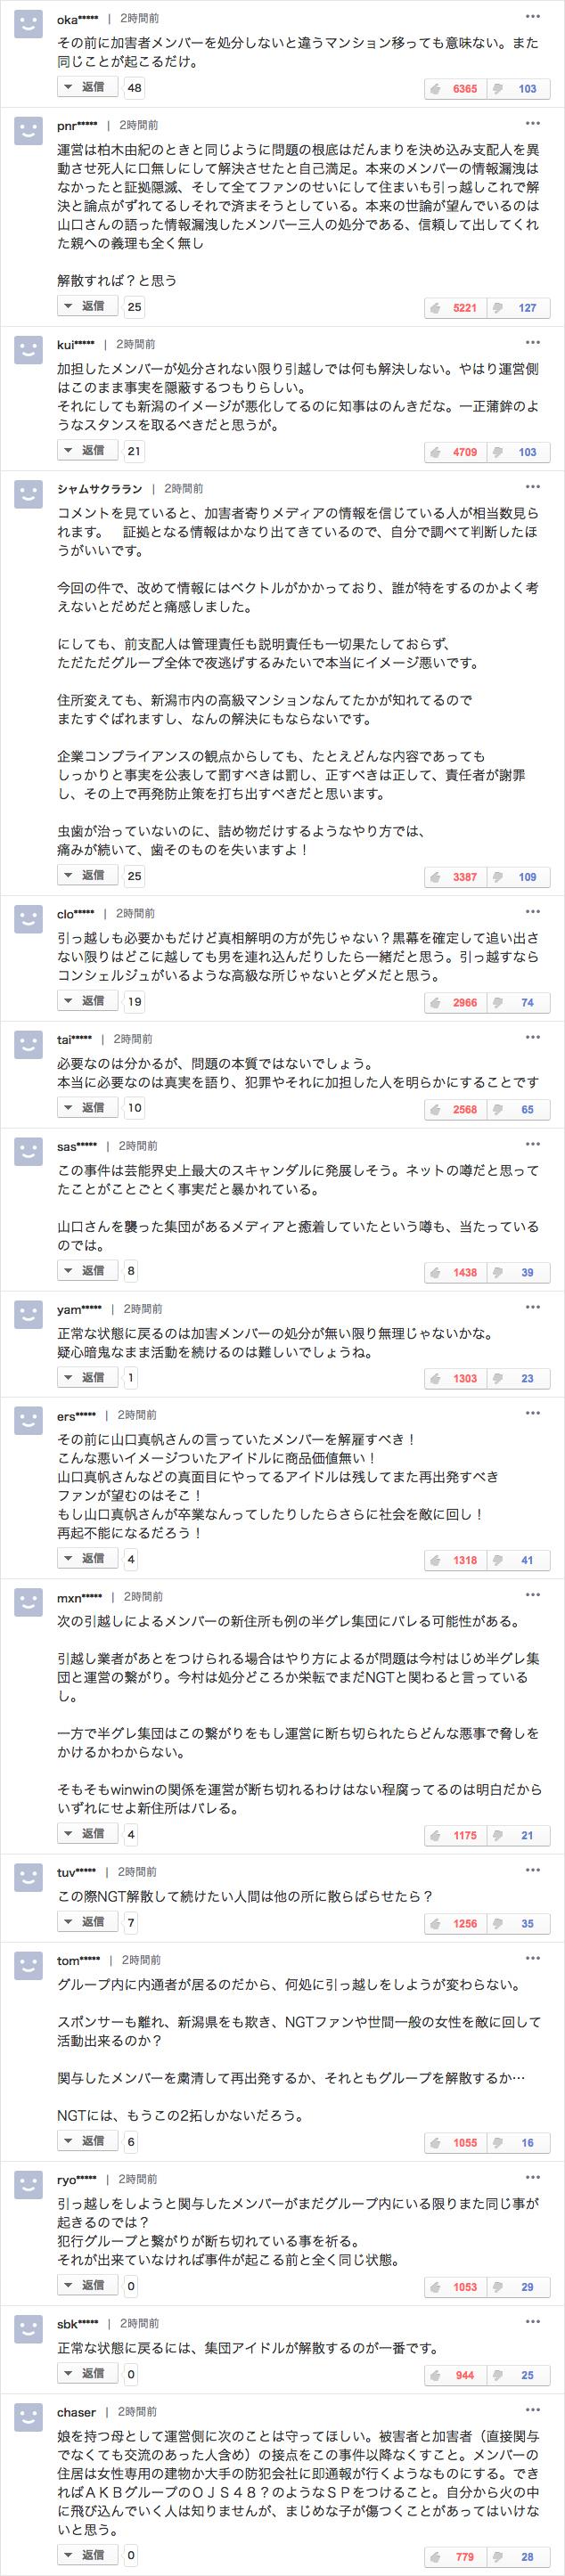 NGT48寮全員退去 新潟知事「早く正常な状態に戻ってほしい」に対してのYahoo!ニュースのコメント欄では